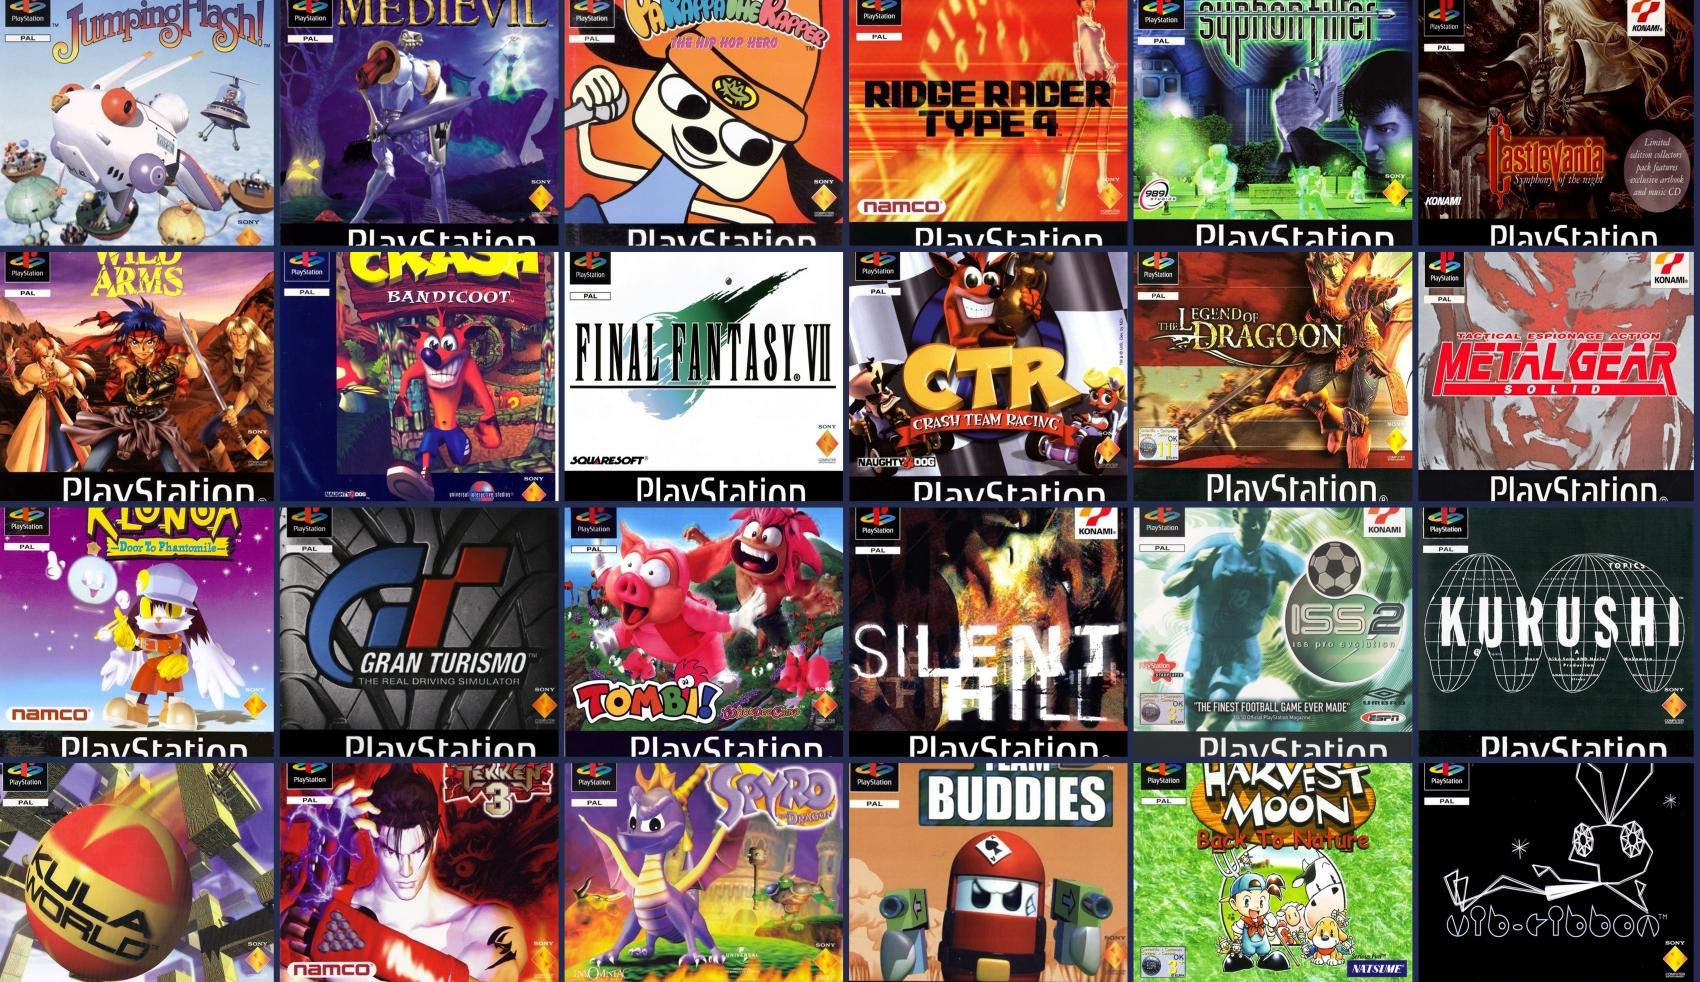 ps classic gry baner new 1 - Limitowany nakład PlayStation Classic? Zbiór newsów na temat konsoli aktualizowanych na bieżąco.